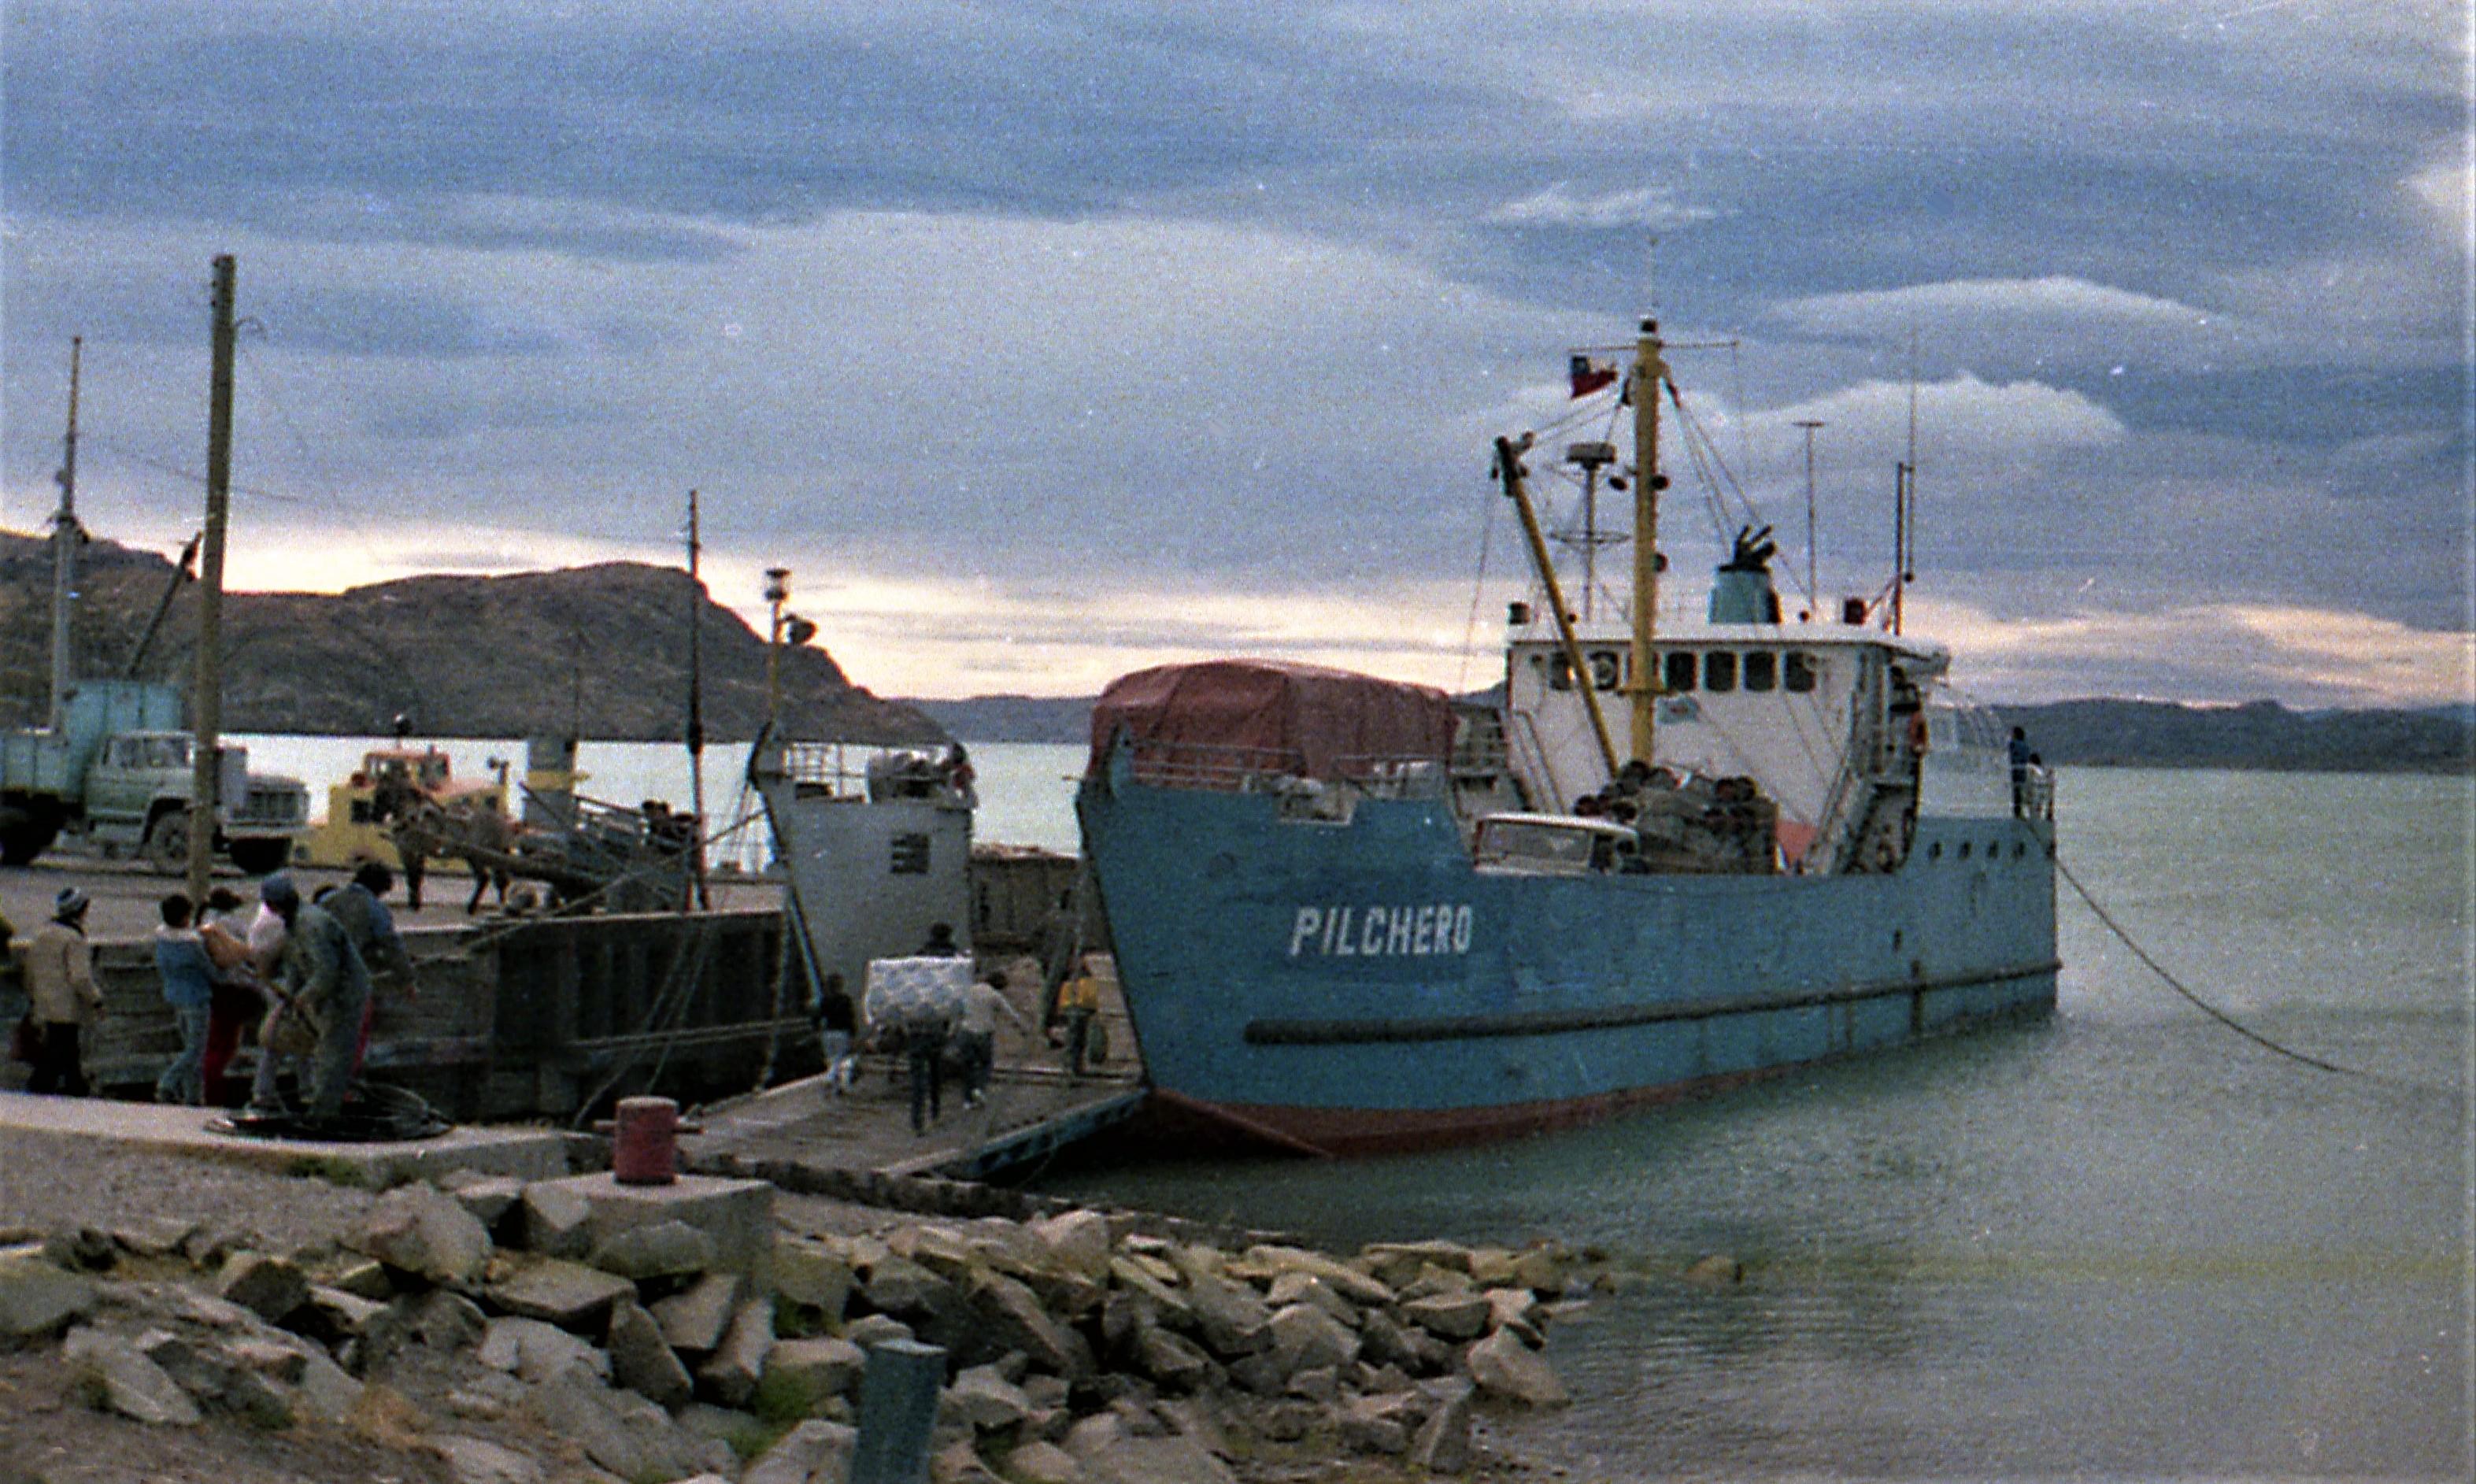 """Enterreno - Fotos históricas de chile - fotos antiguas de Chile - Barcaza """"Pilchero"""" en el Lago general Carrera en 1988"""